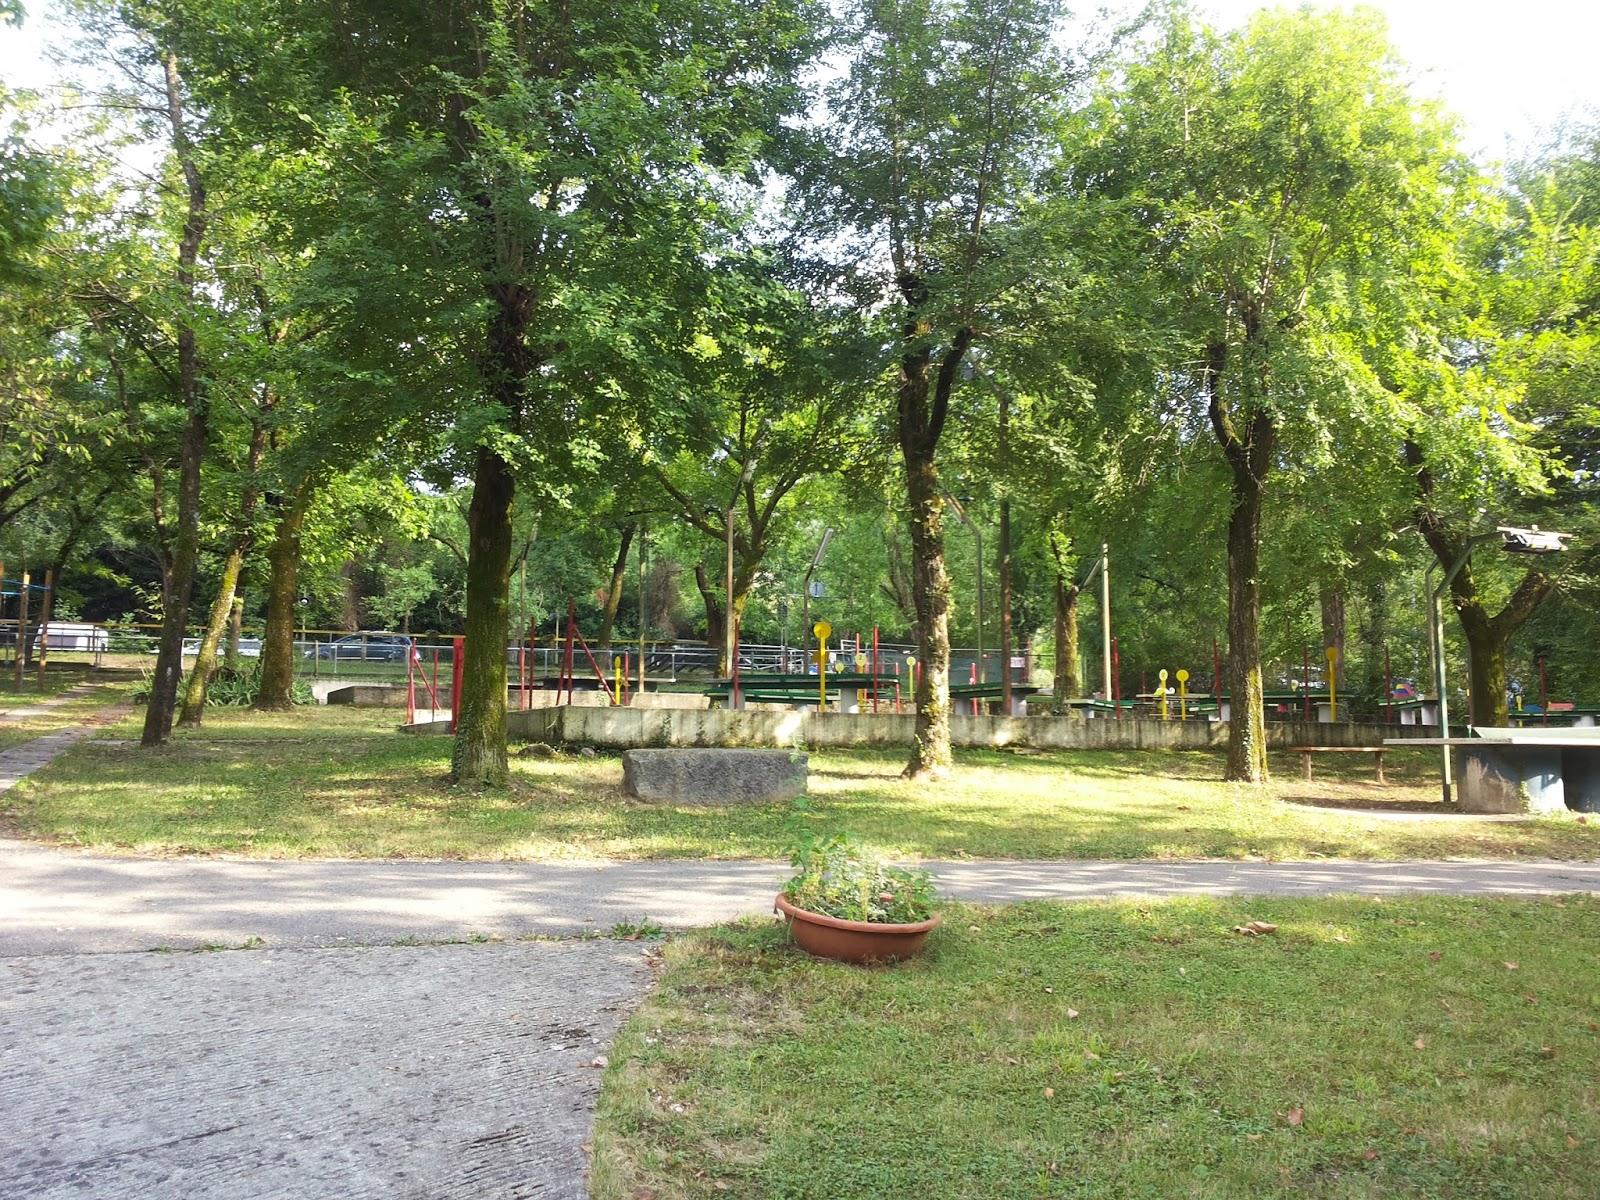 Casa Cesira Parco giochi per bambini vicino al lago